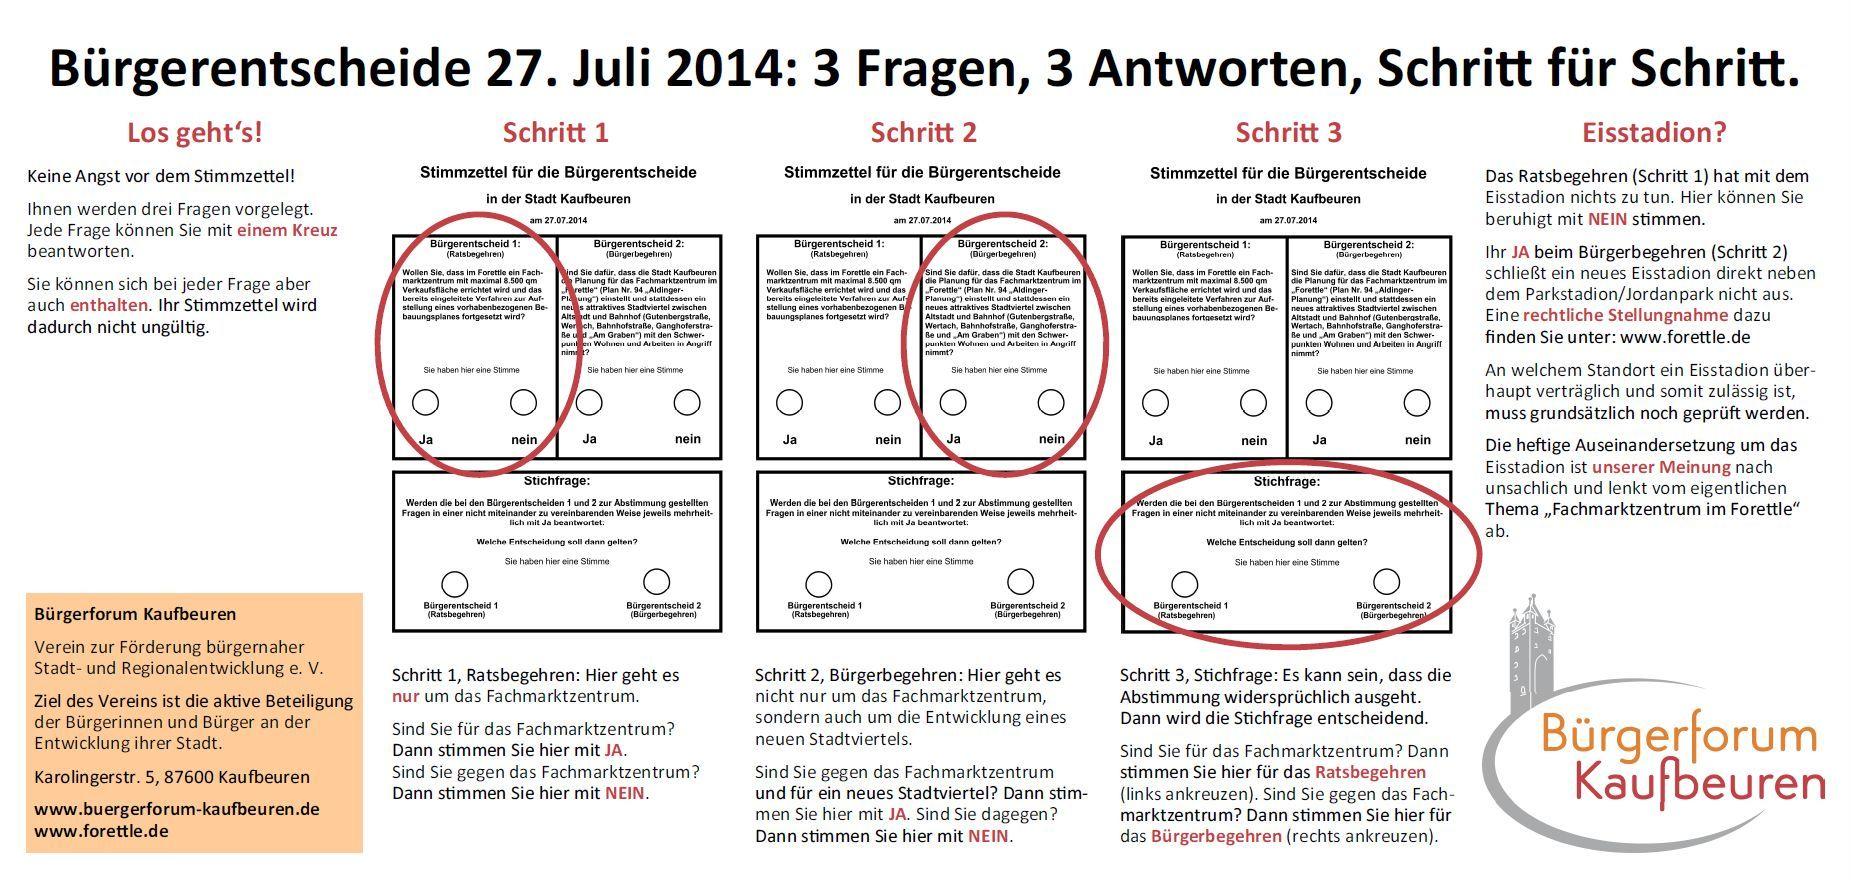 Bürgerforum KF. Anzeige Bürgerentscheide. Endversion. 20140717f